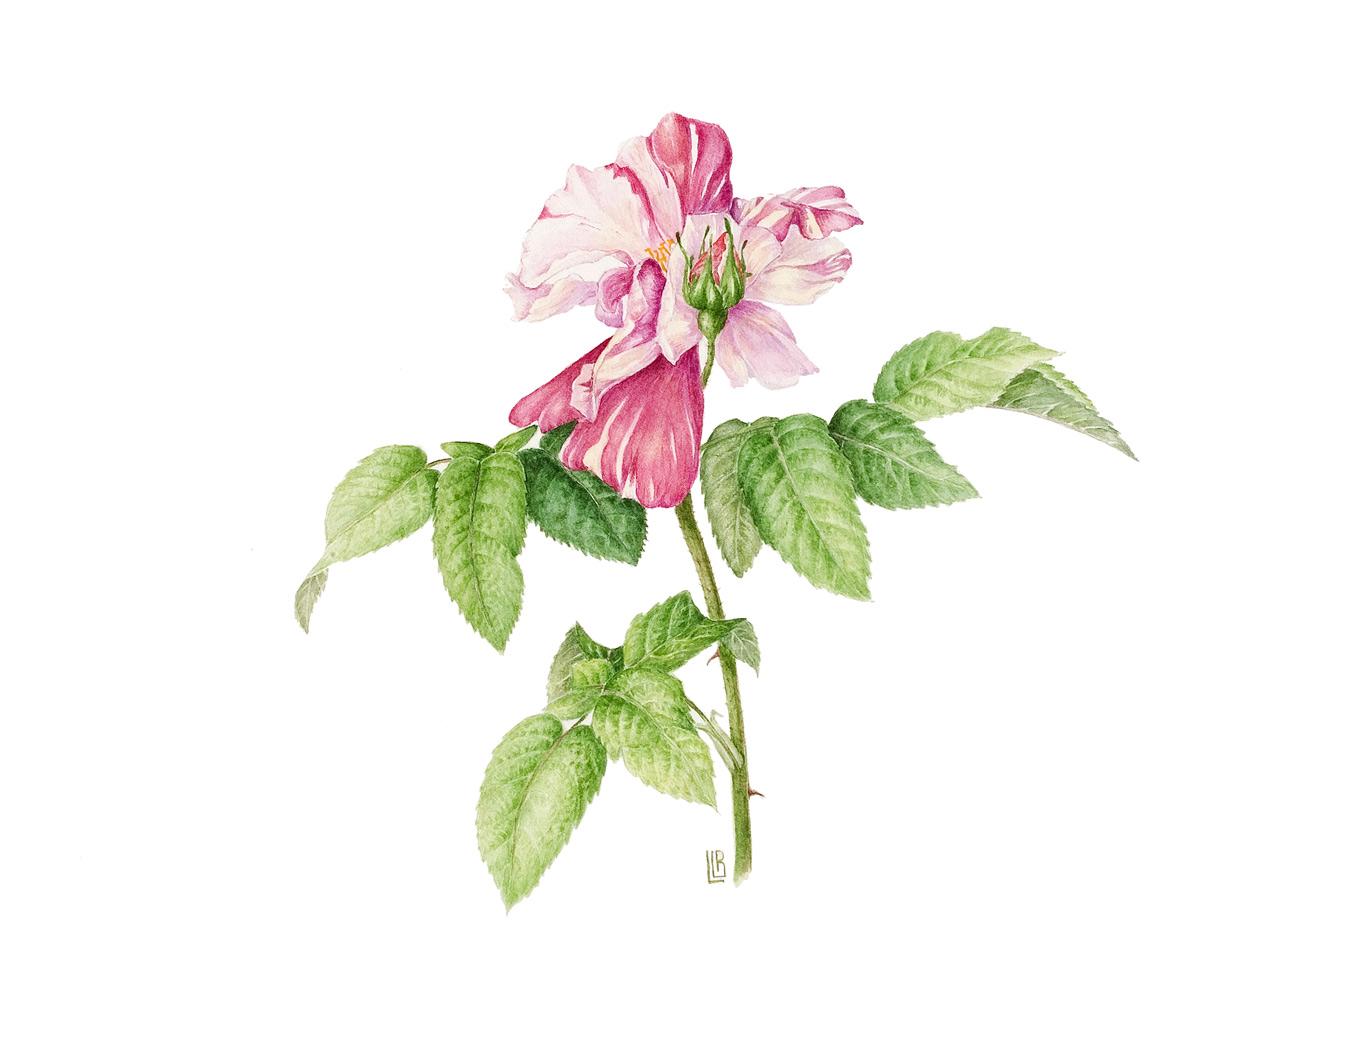 Rosa gallica 'Versicolor' ( Rosa Mundi)